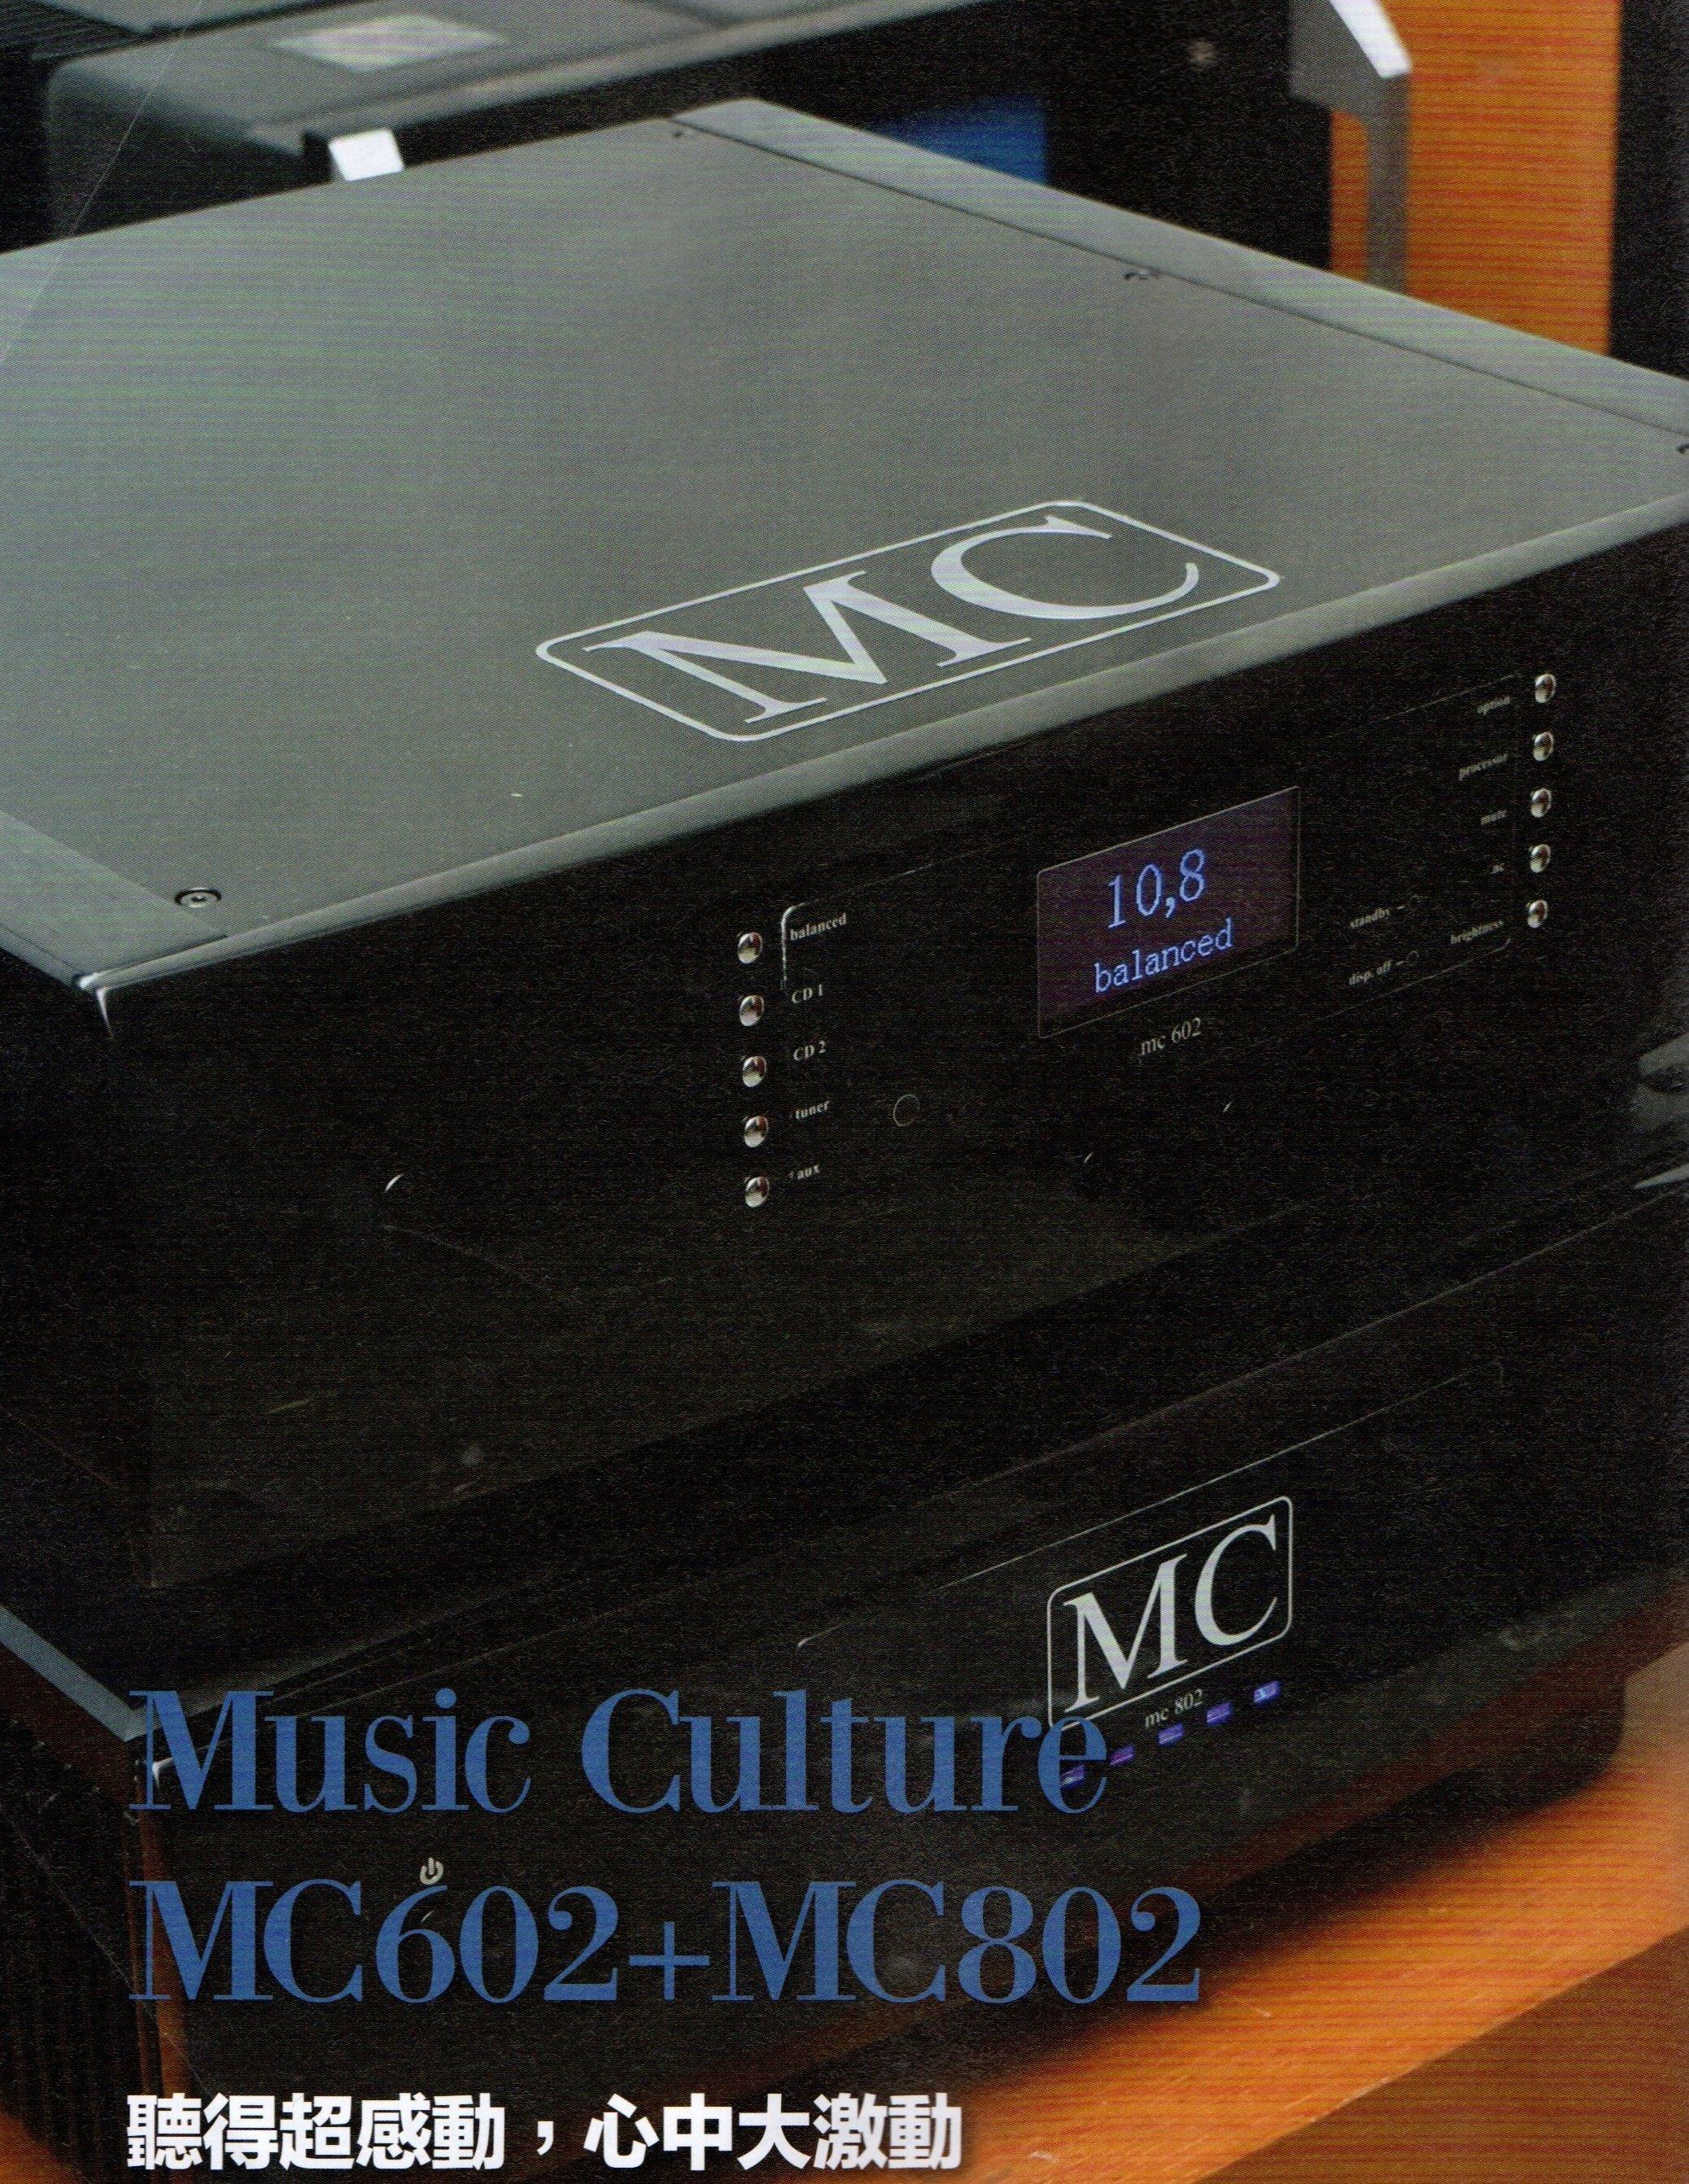 竹北(鴻韻音響)德國工藝精品 Music Cultuer MC602晶體前極擴大機 +MC802 晶體立體聲後極擴大機